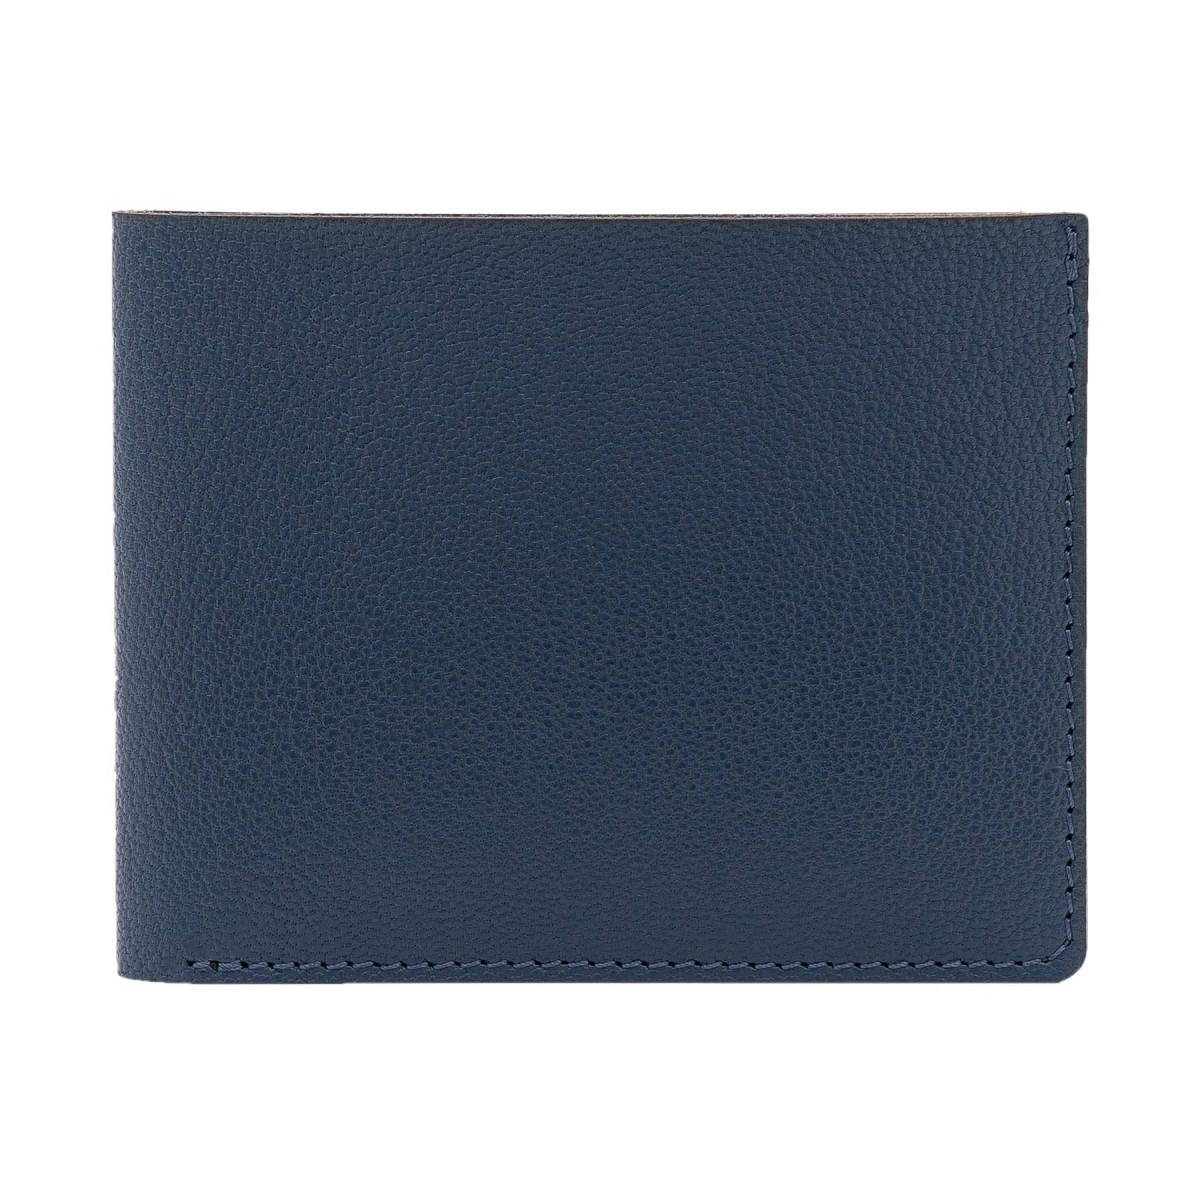 Faltbare Geldbörse in marineblau - aus premium pflanzlich gegerbtem Ziegenleder